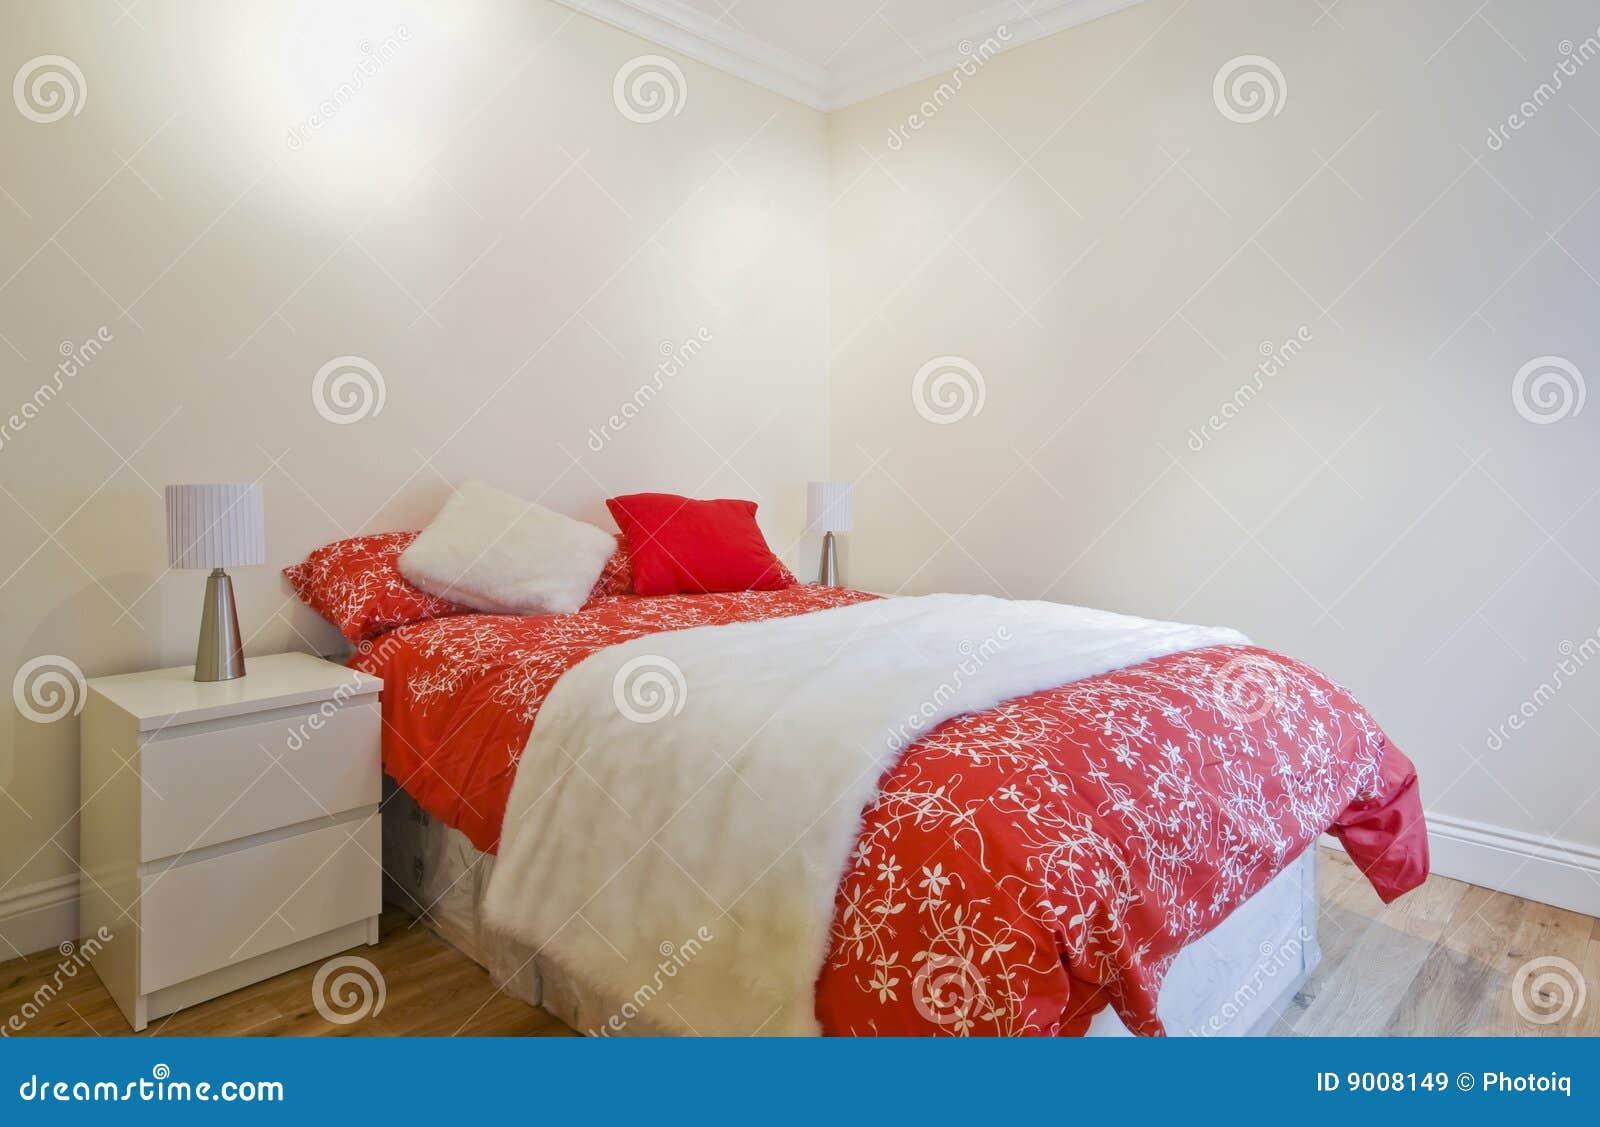 Slaapkamer rood wit beste inspiratie voor huis ontwerp - Eigentijdse stijl slaapkamer ...